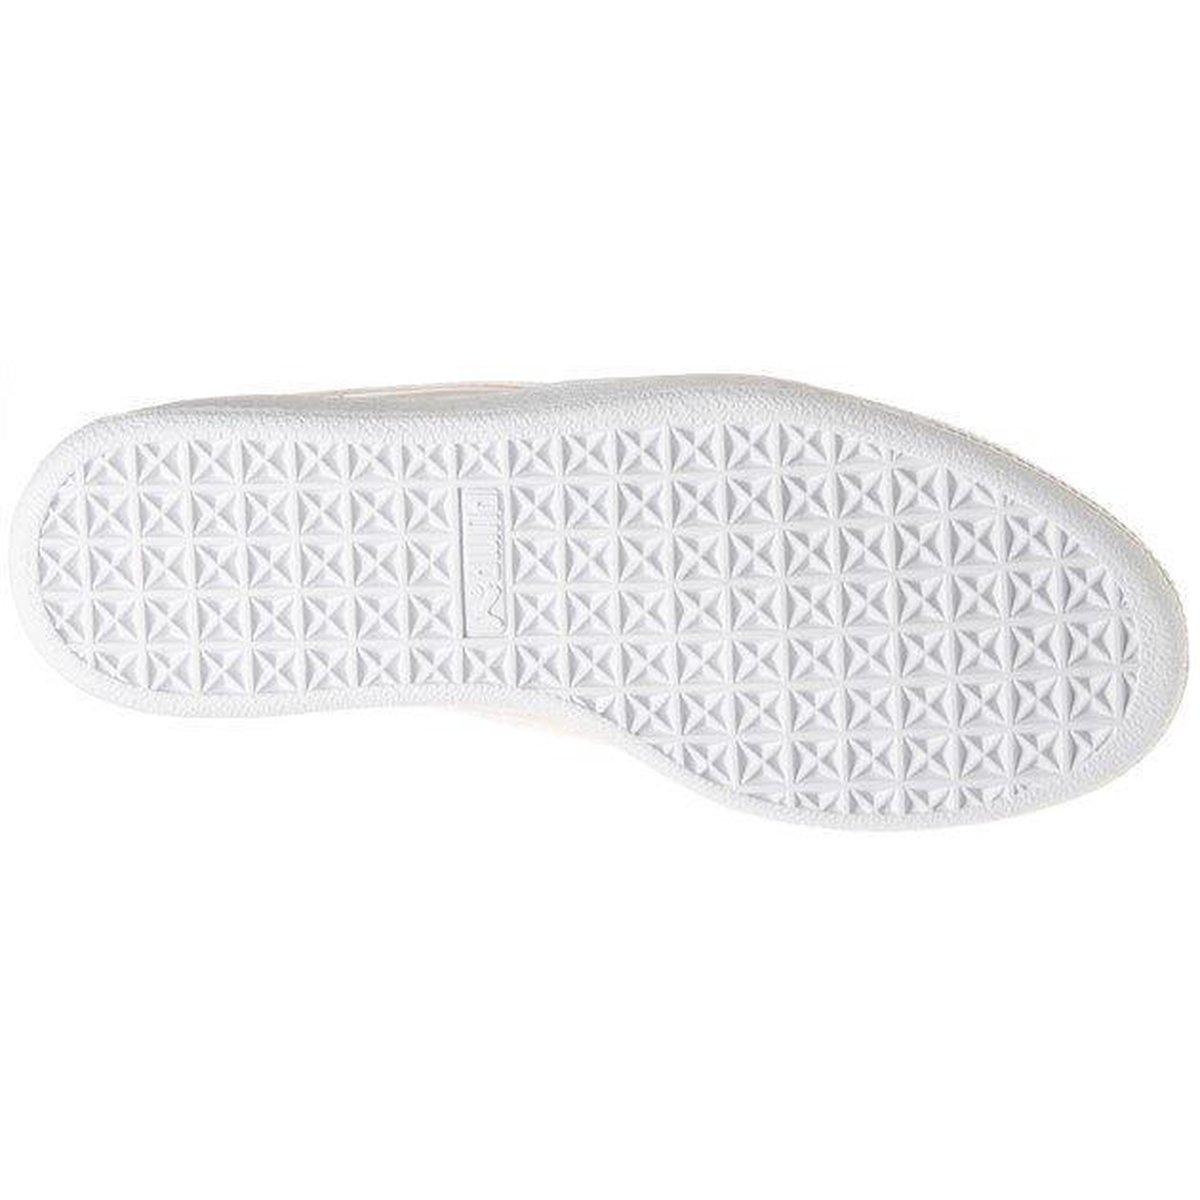 Puma Sneakers Basket Maze Elastiek Dames Roze Maat 37.5